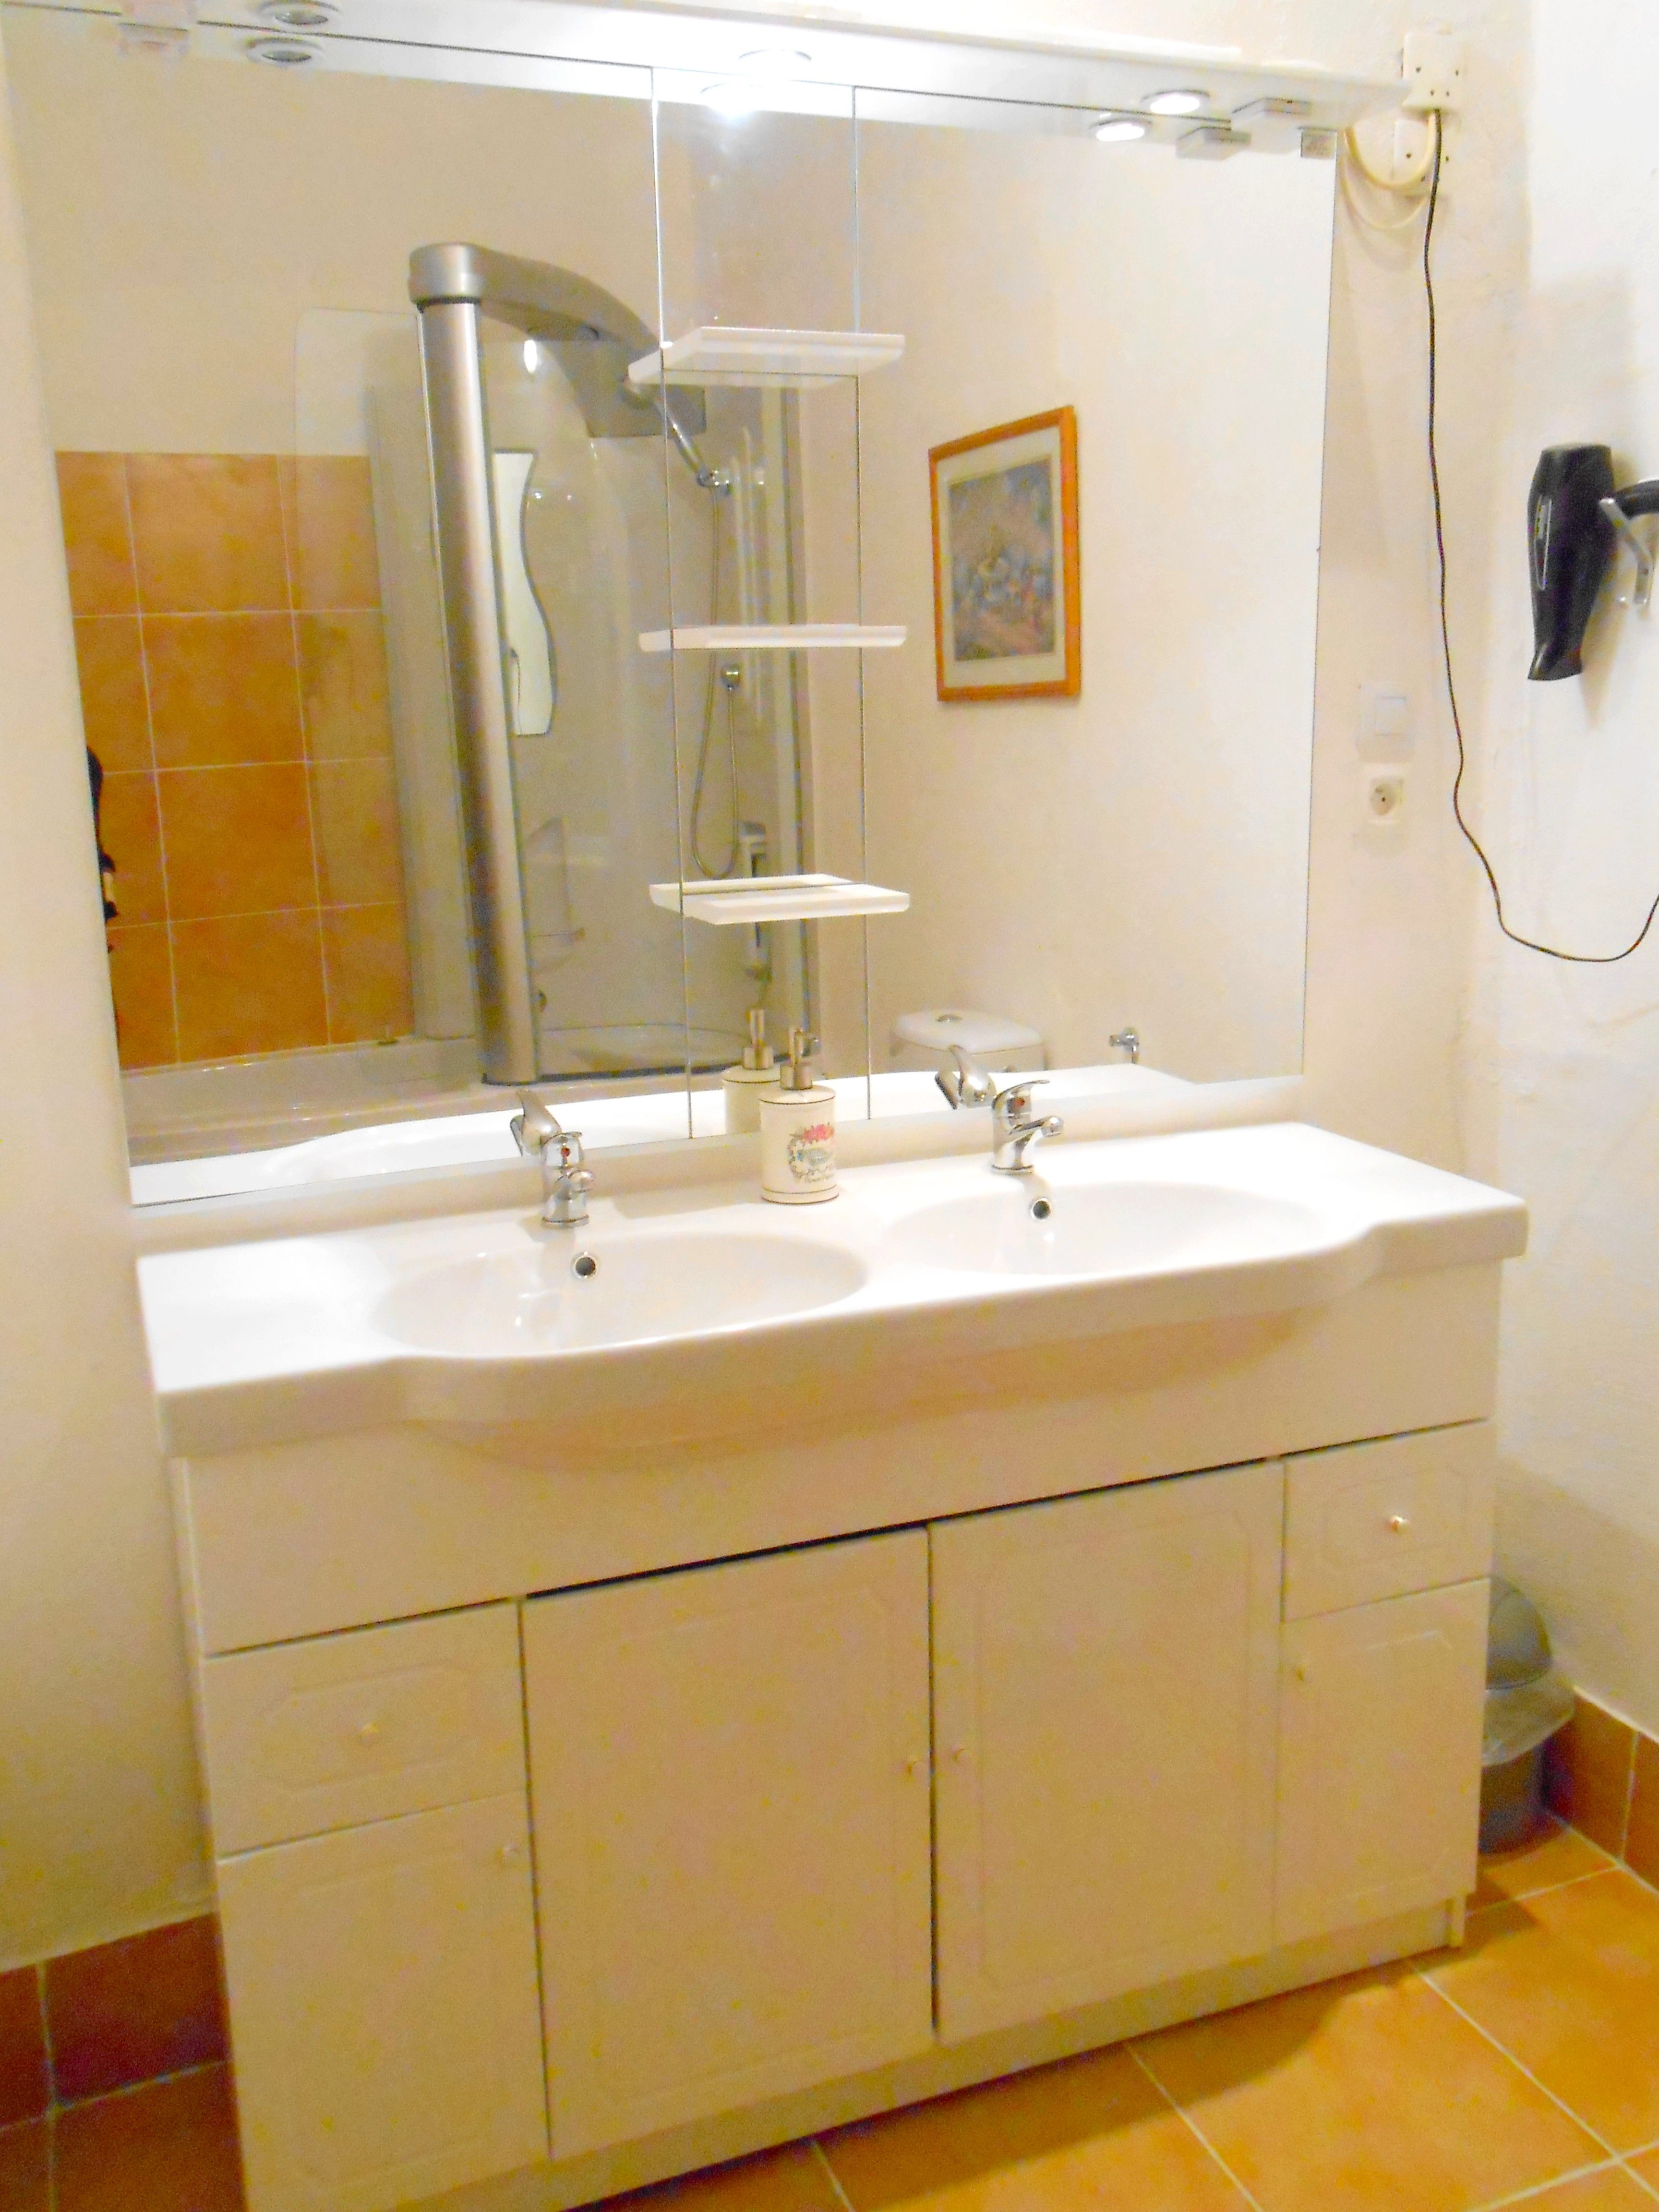 LA FAMILIALE : double lavabo, grand mirroir, plusieurs spots lumineux. Nombreux espaces de rangement sous le lavabo. Sèche cheveux et sèche serviette. Draps de bain fournis.